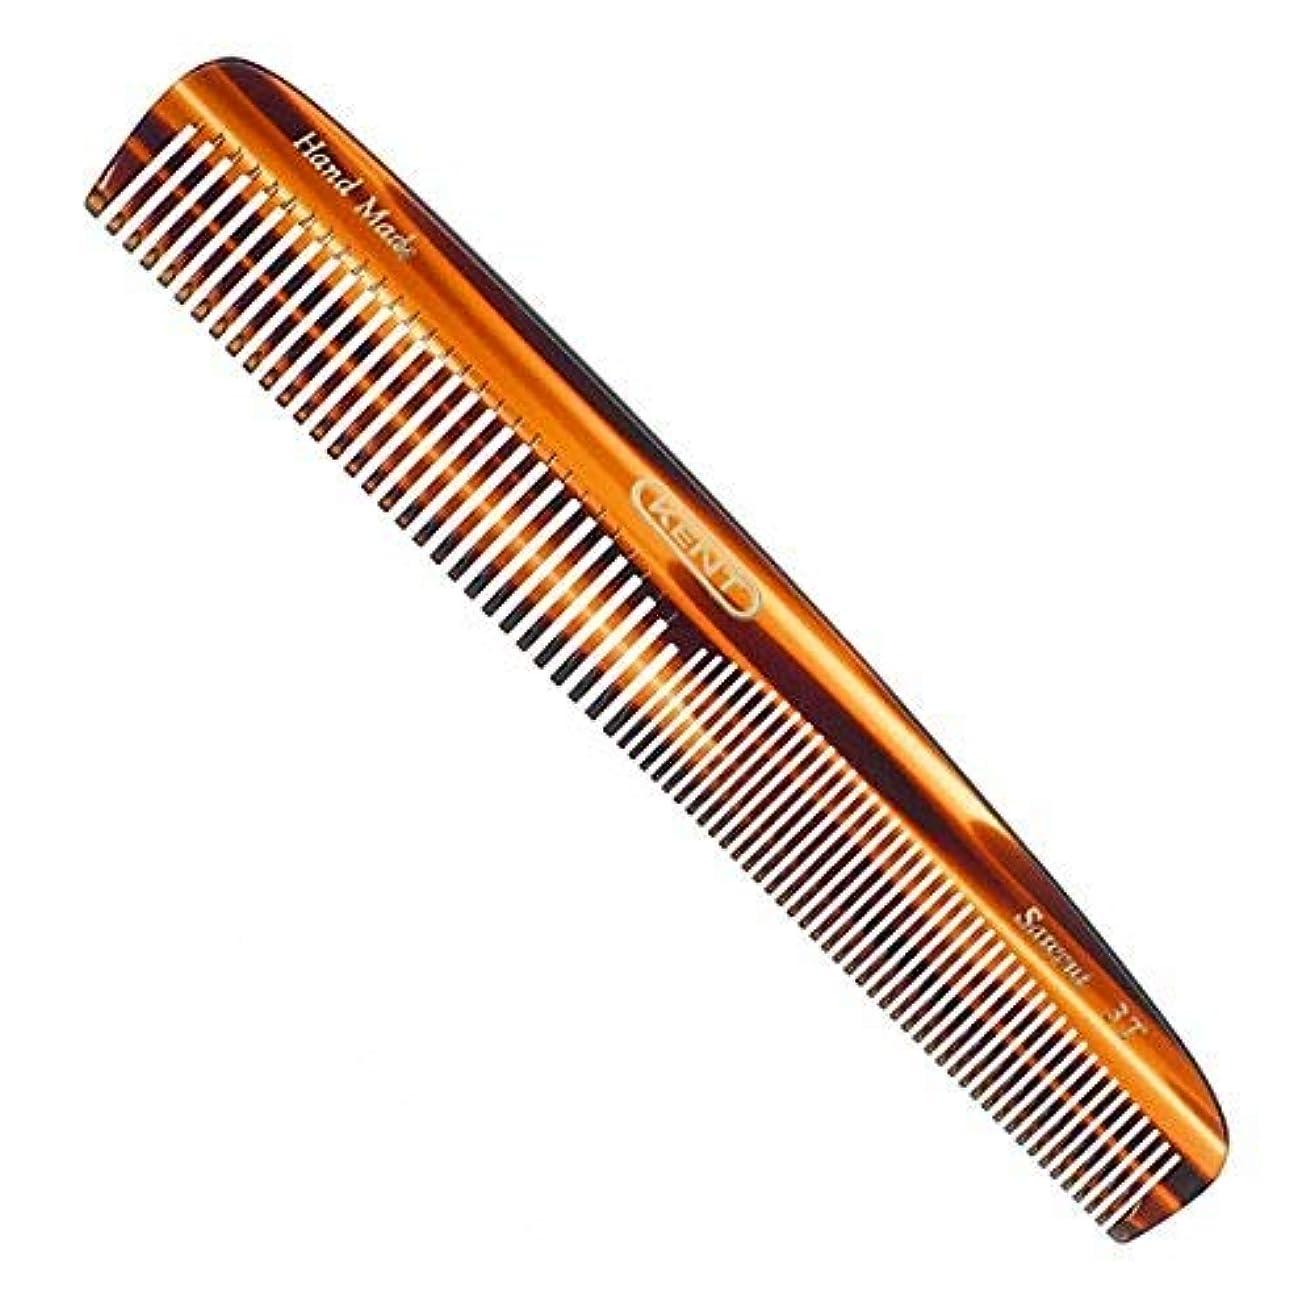 溝カウント食物Kent Handmade Saw Cut 148 Millimeter Coarse and Fine Tooth Dressing Comb, Hand Sawn Cellulose Acetate with Rounded...